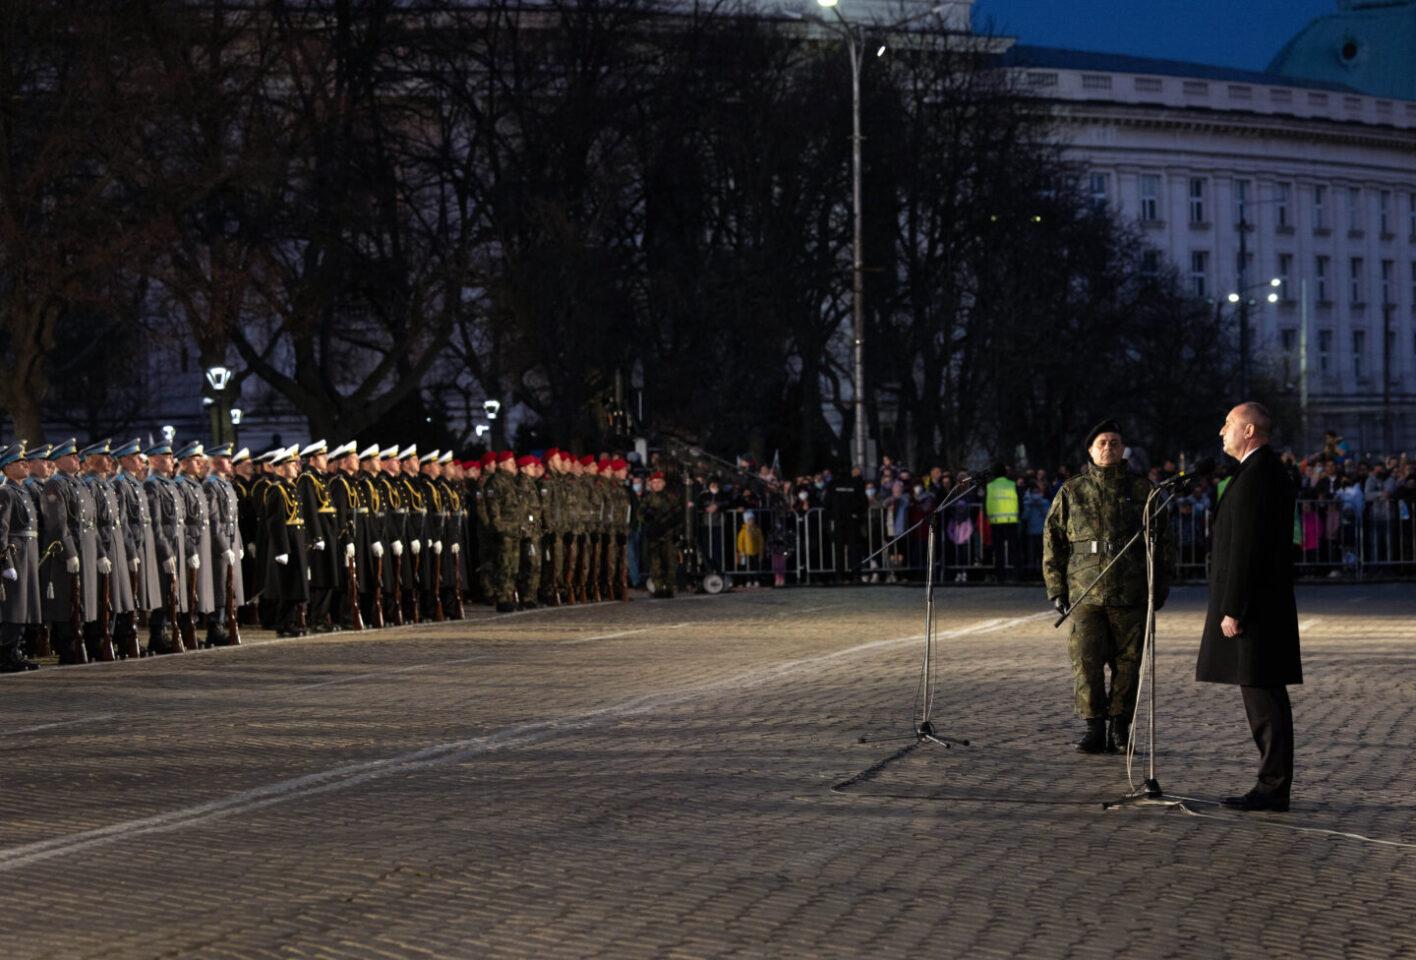 Държавният глава: На кръстопътя на историческите ветрове суверенитетът на България се отстоява с мъдра преценка и последователни усилия